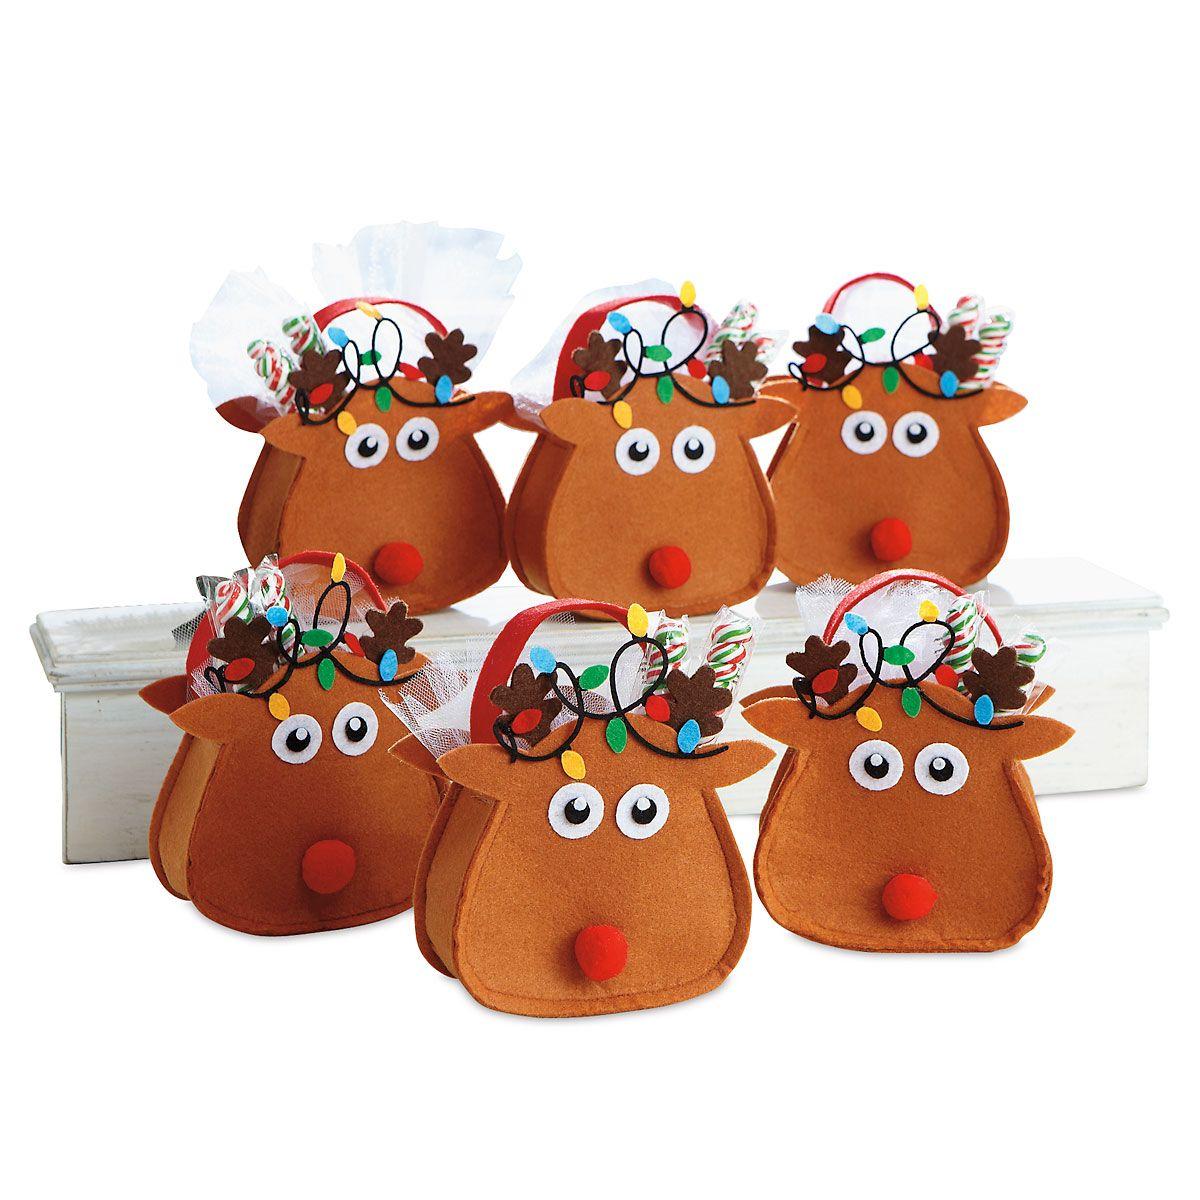 Reindeer Party Treat Bags